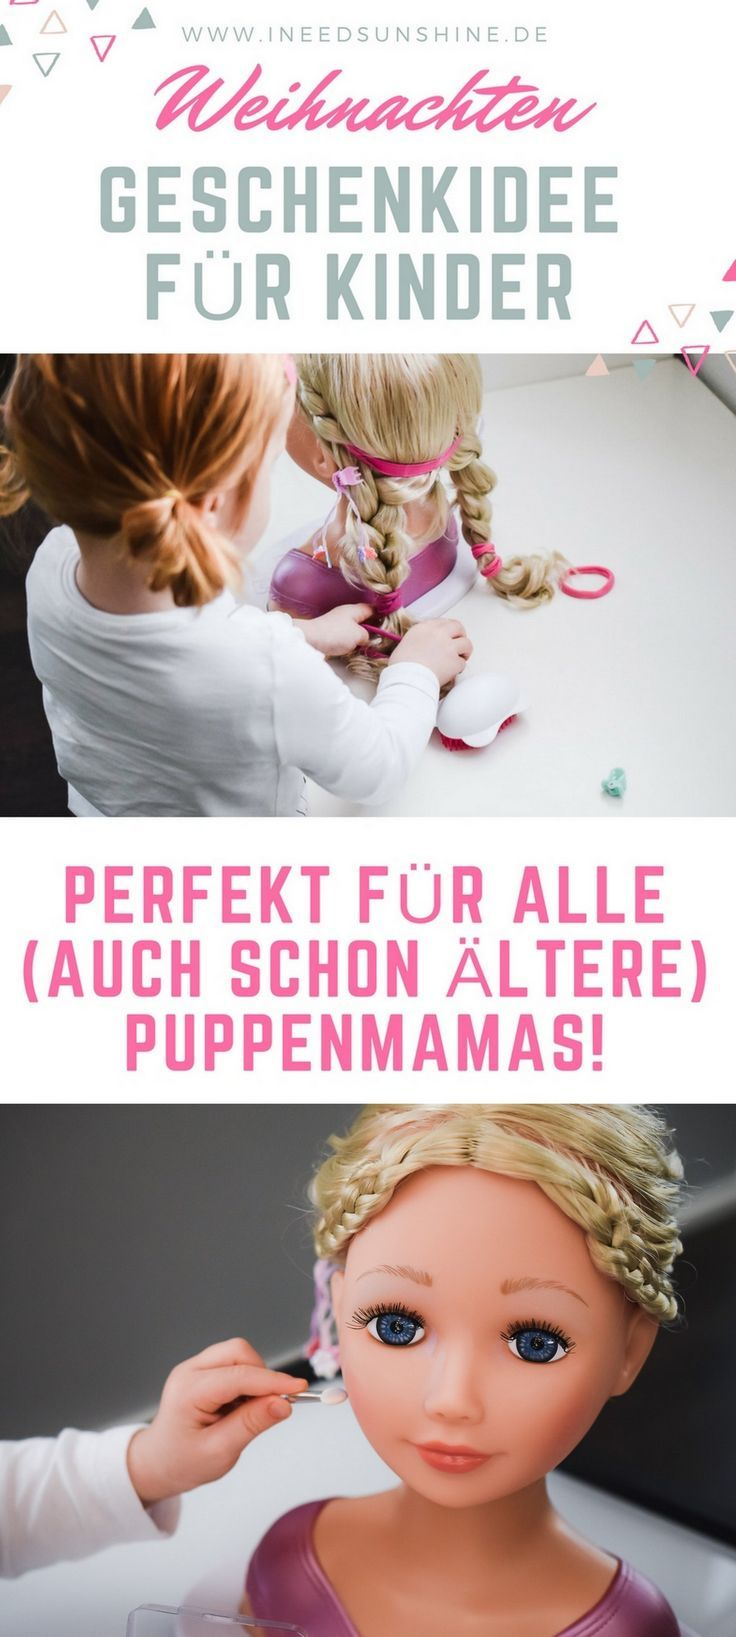 Geschenkideen für Kinder zu Weihnachten: BABY Born Sister Styling Head Schminkkopf für alle (auch schon ältere) Puppenmamas! Nicht nur für Mädchen, auch für Jungen!